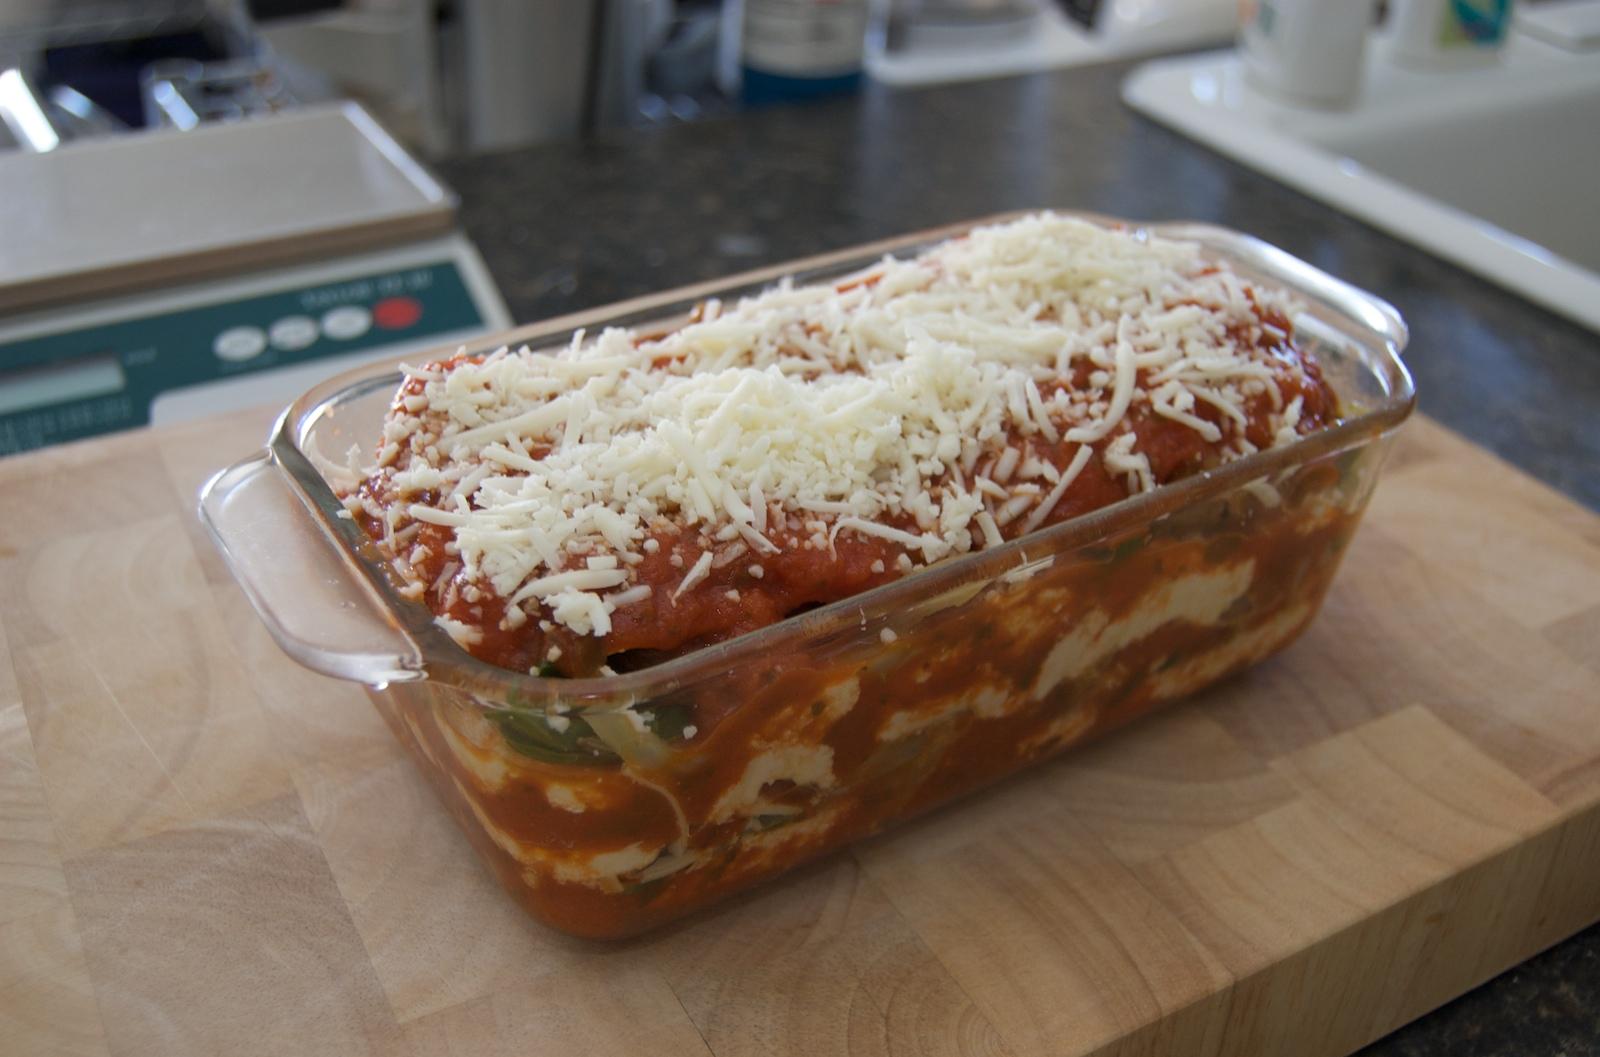 http://blog.rickk.com/food/2010/04/05/lasagna3.jpg